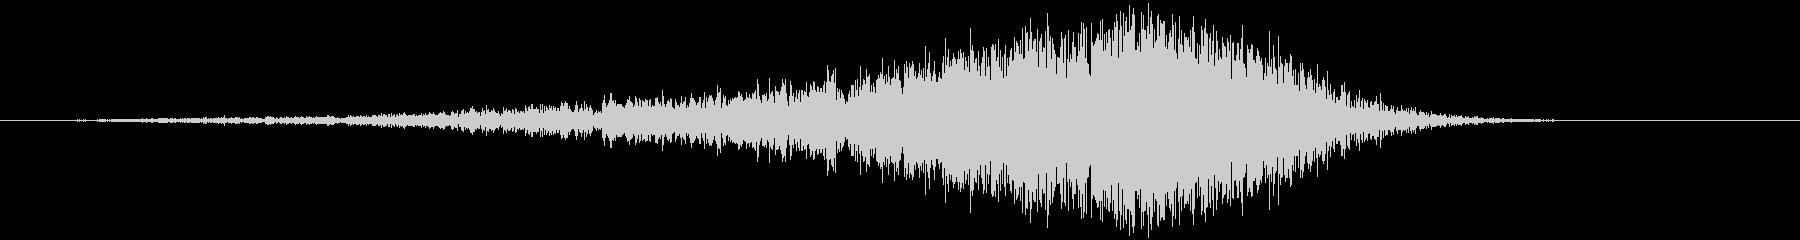 ZipQuick EC02_90_4の未再生の波形